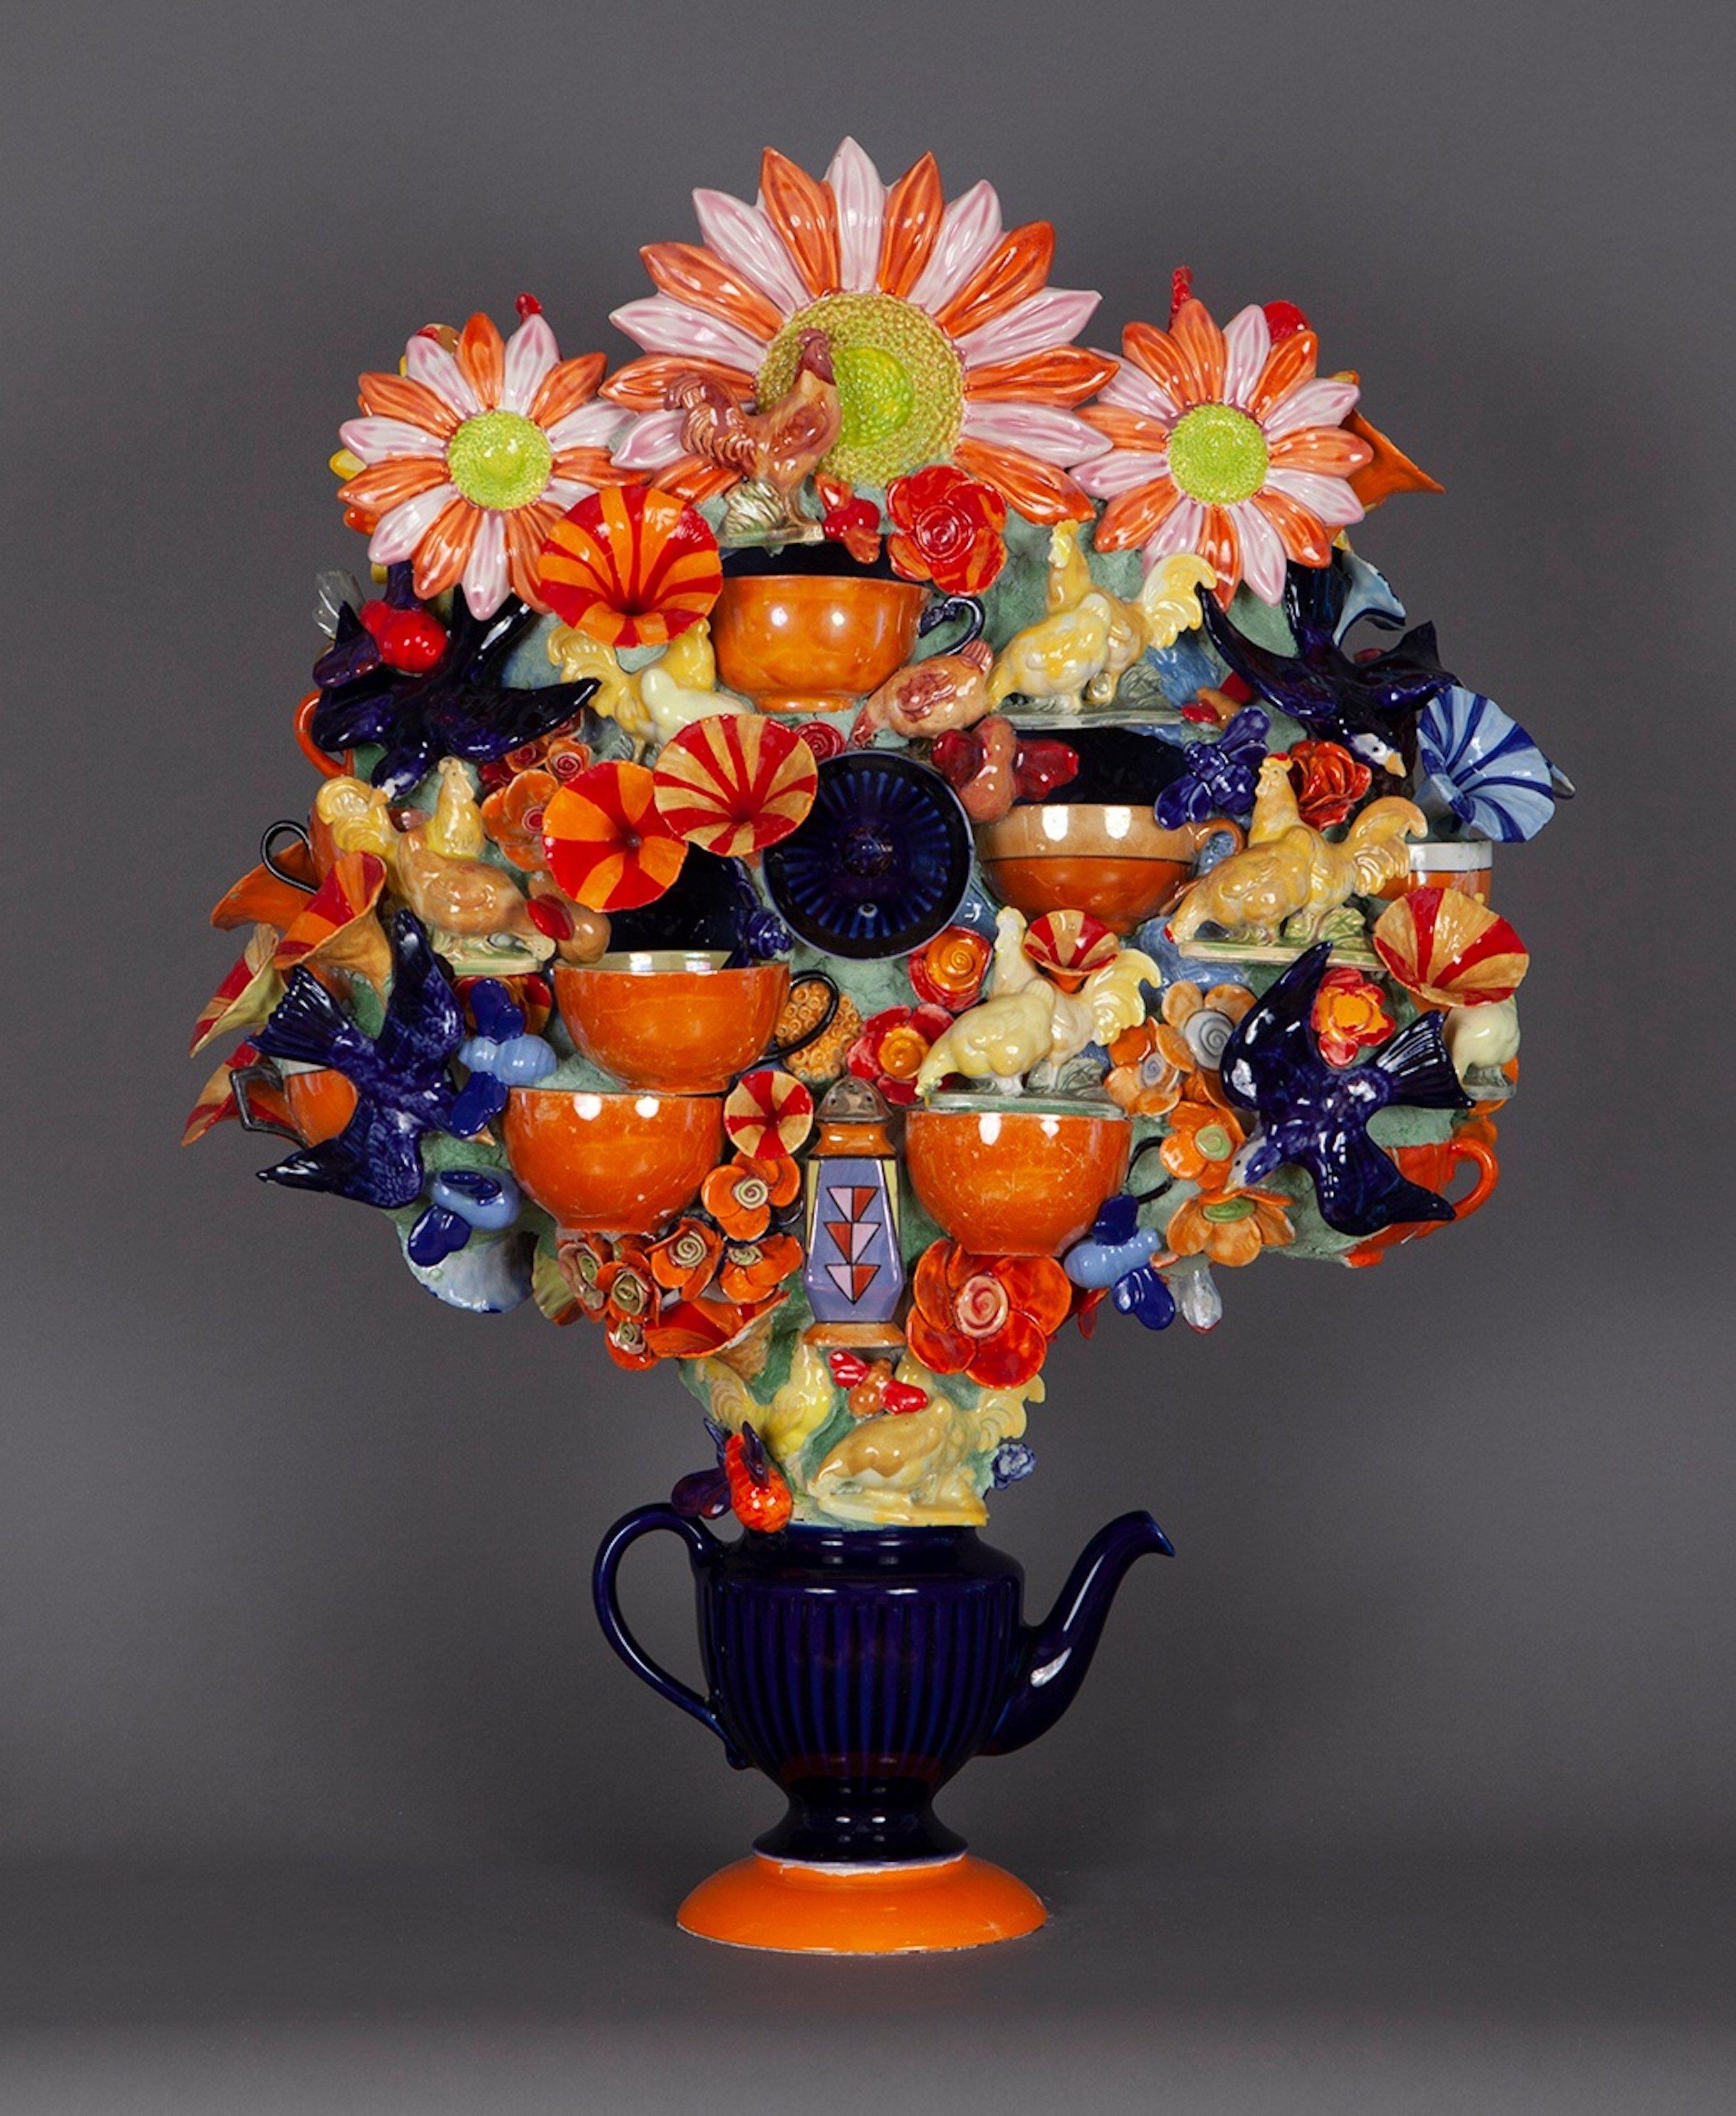 Joan Bankemper, Violet, 2019 ceramic 28 x 22 x 13 inches